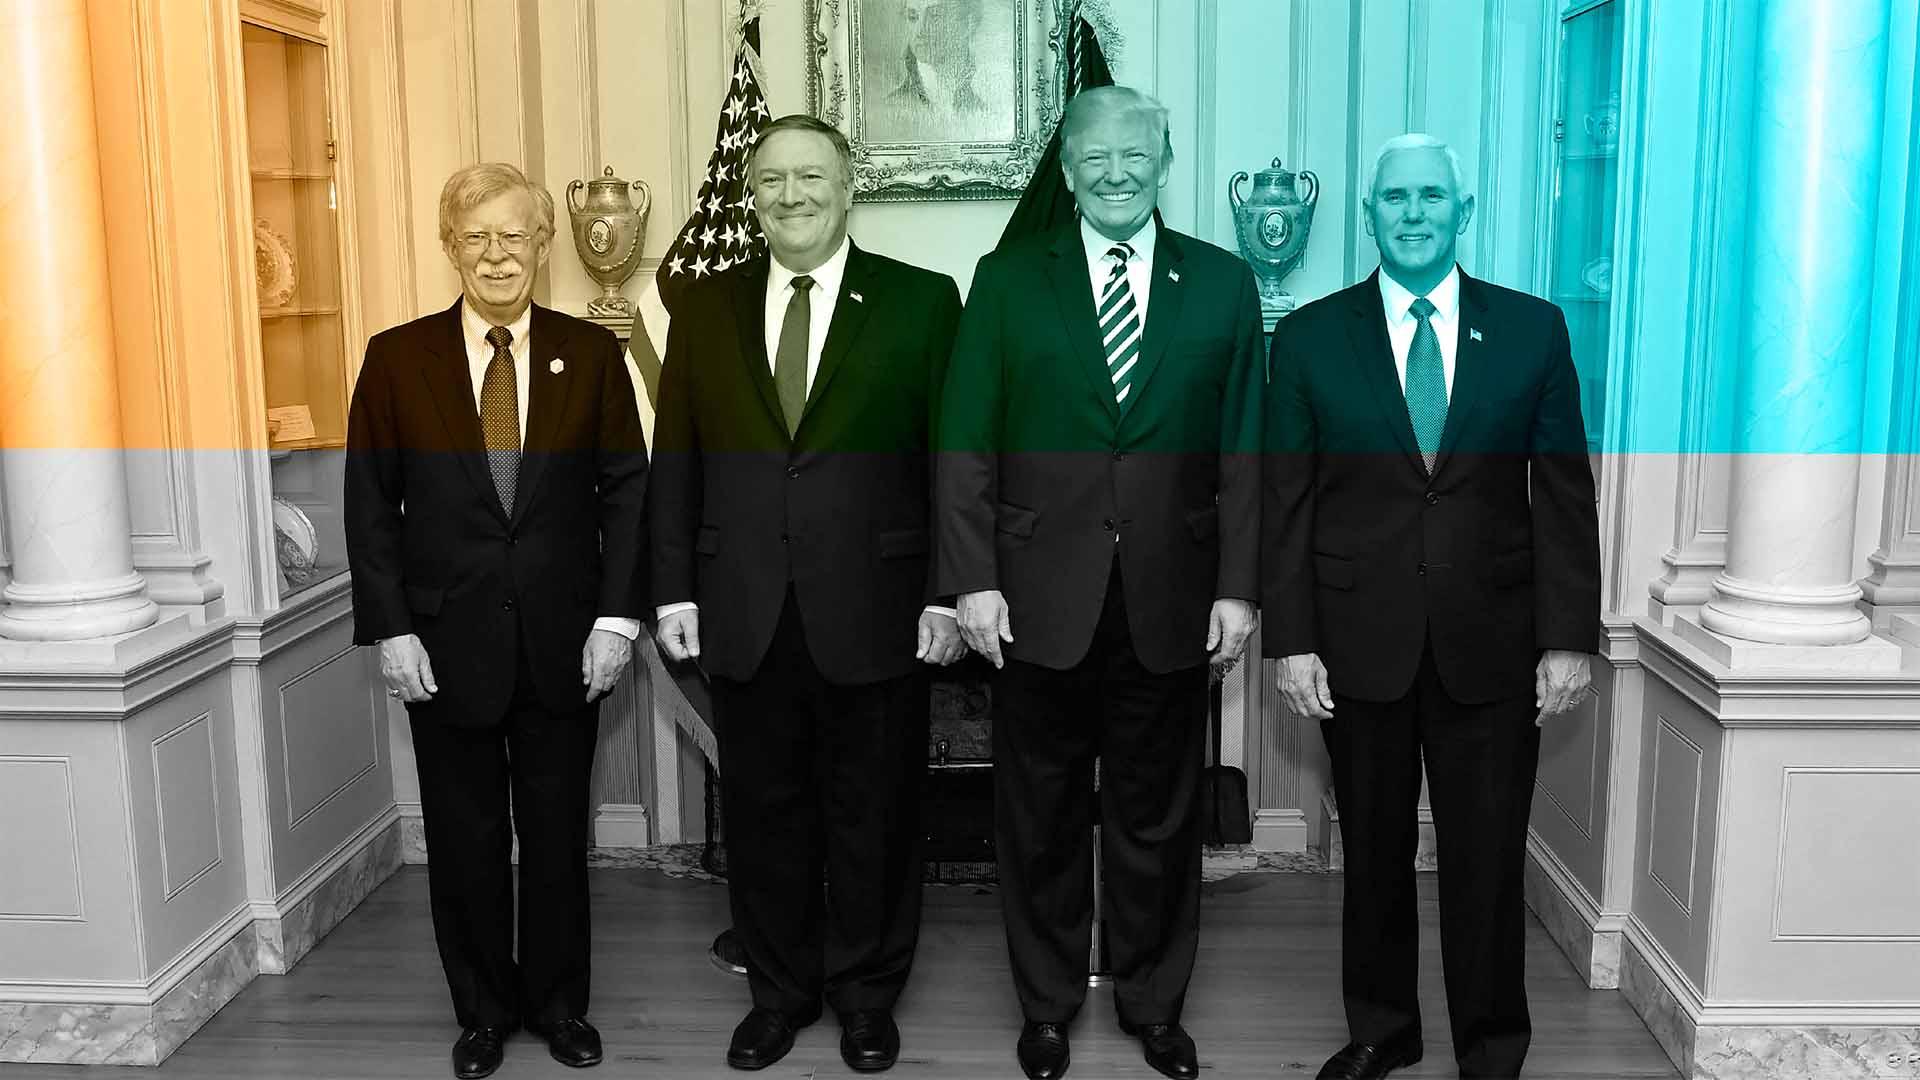 Informe Otálvora: Bolton retrata contradicciones de gobierno Trump ante Venezuela, por Edgar C. Otálvora